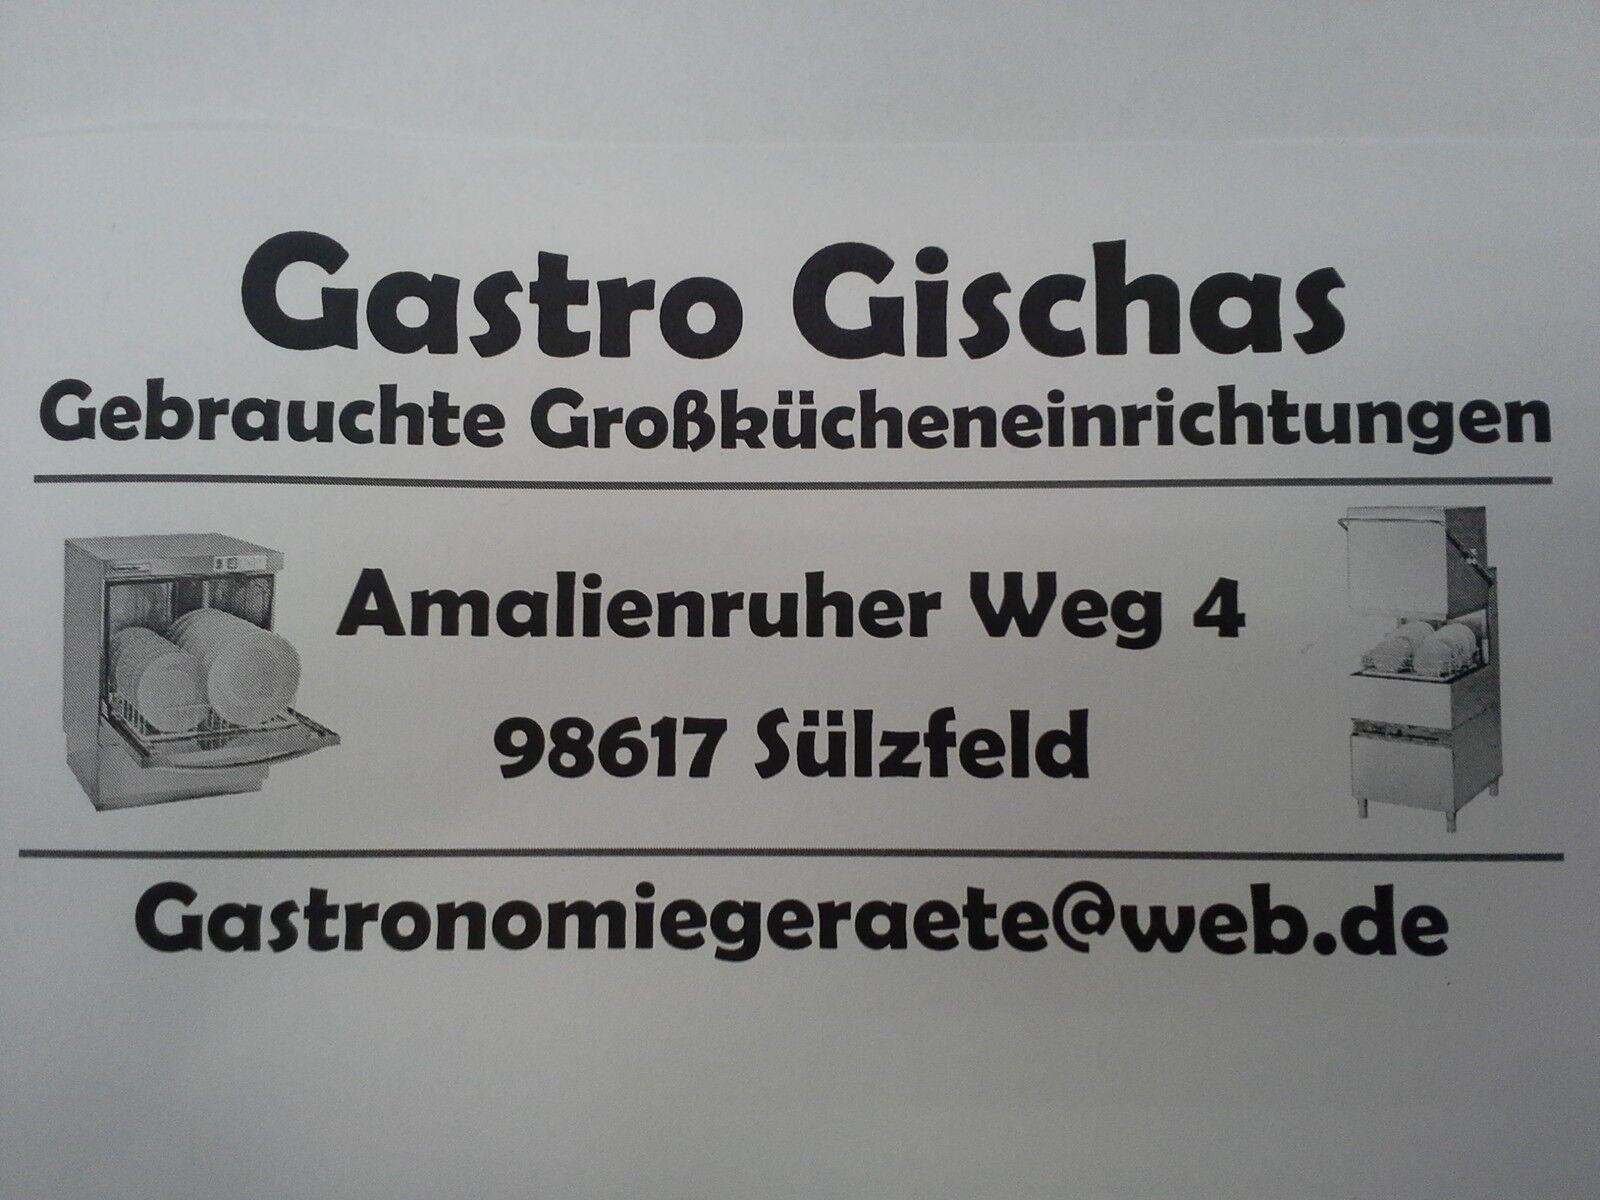 Gastronomiegeräte